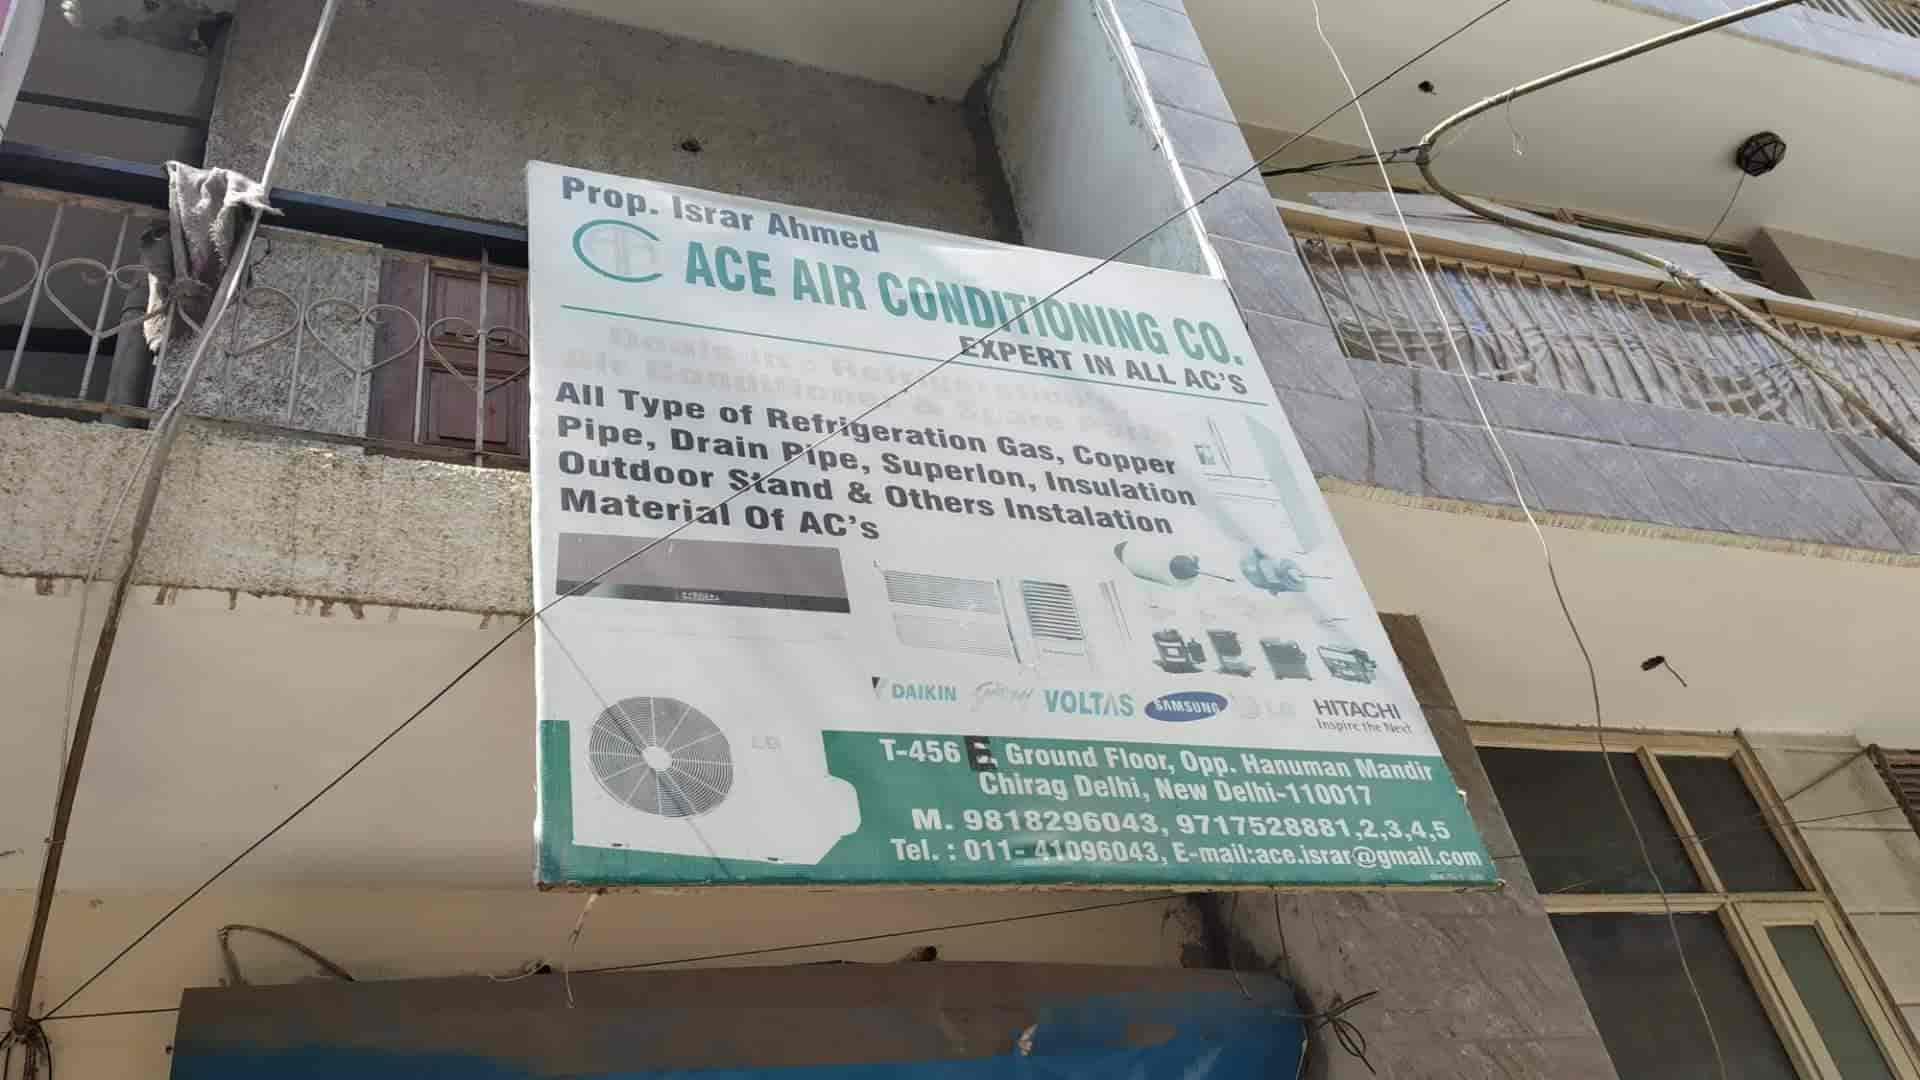 Ace AIR Conditioning Company Photos, Joga Bai Extension